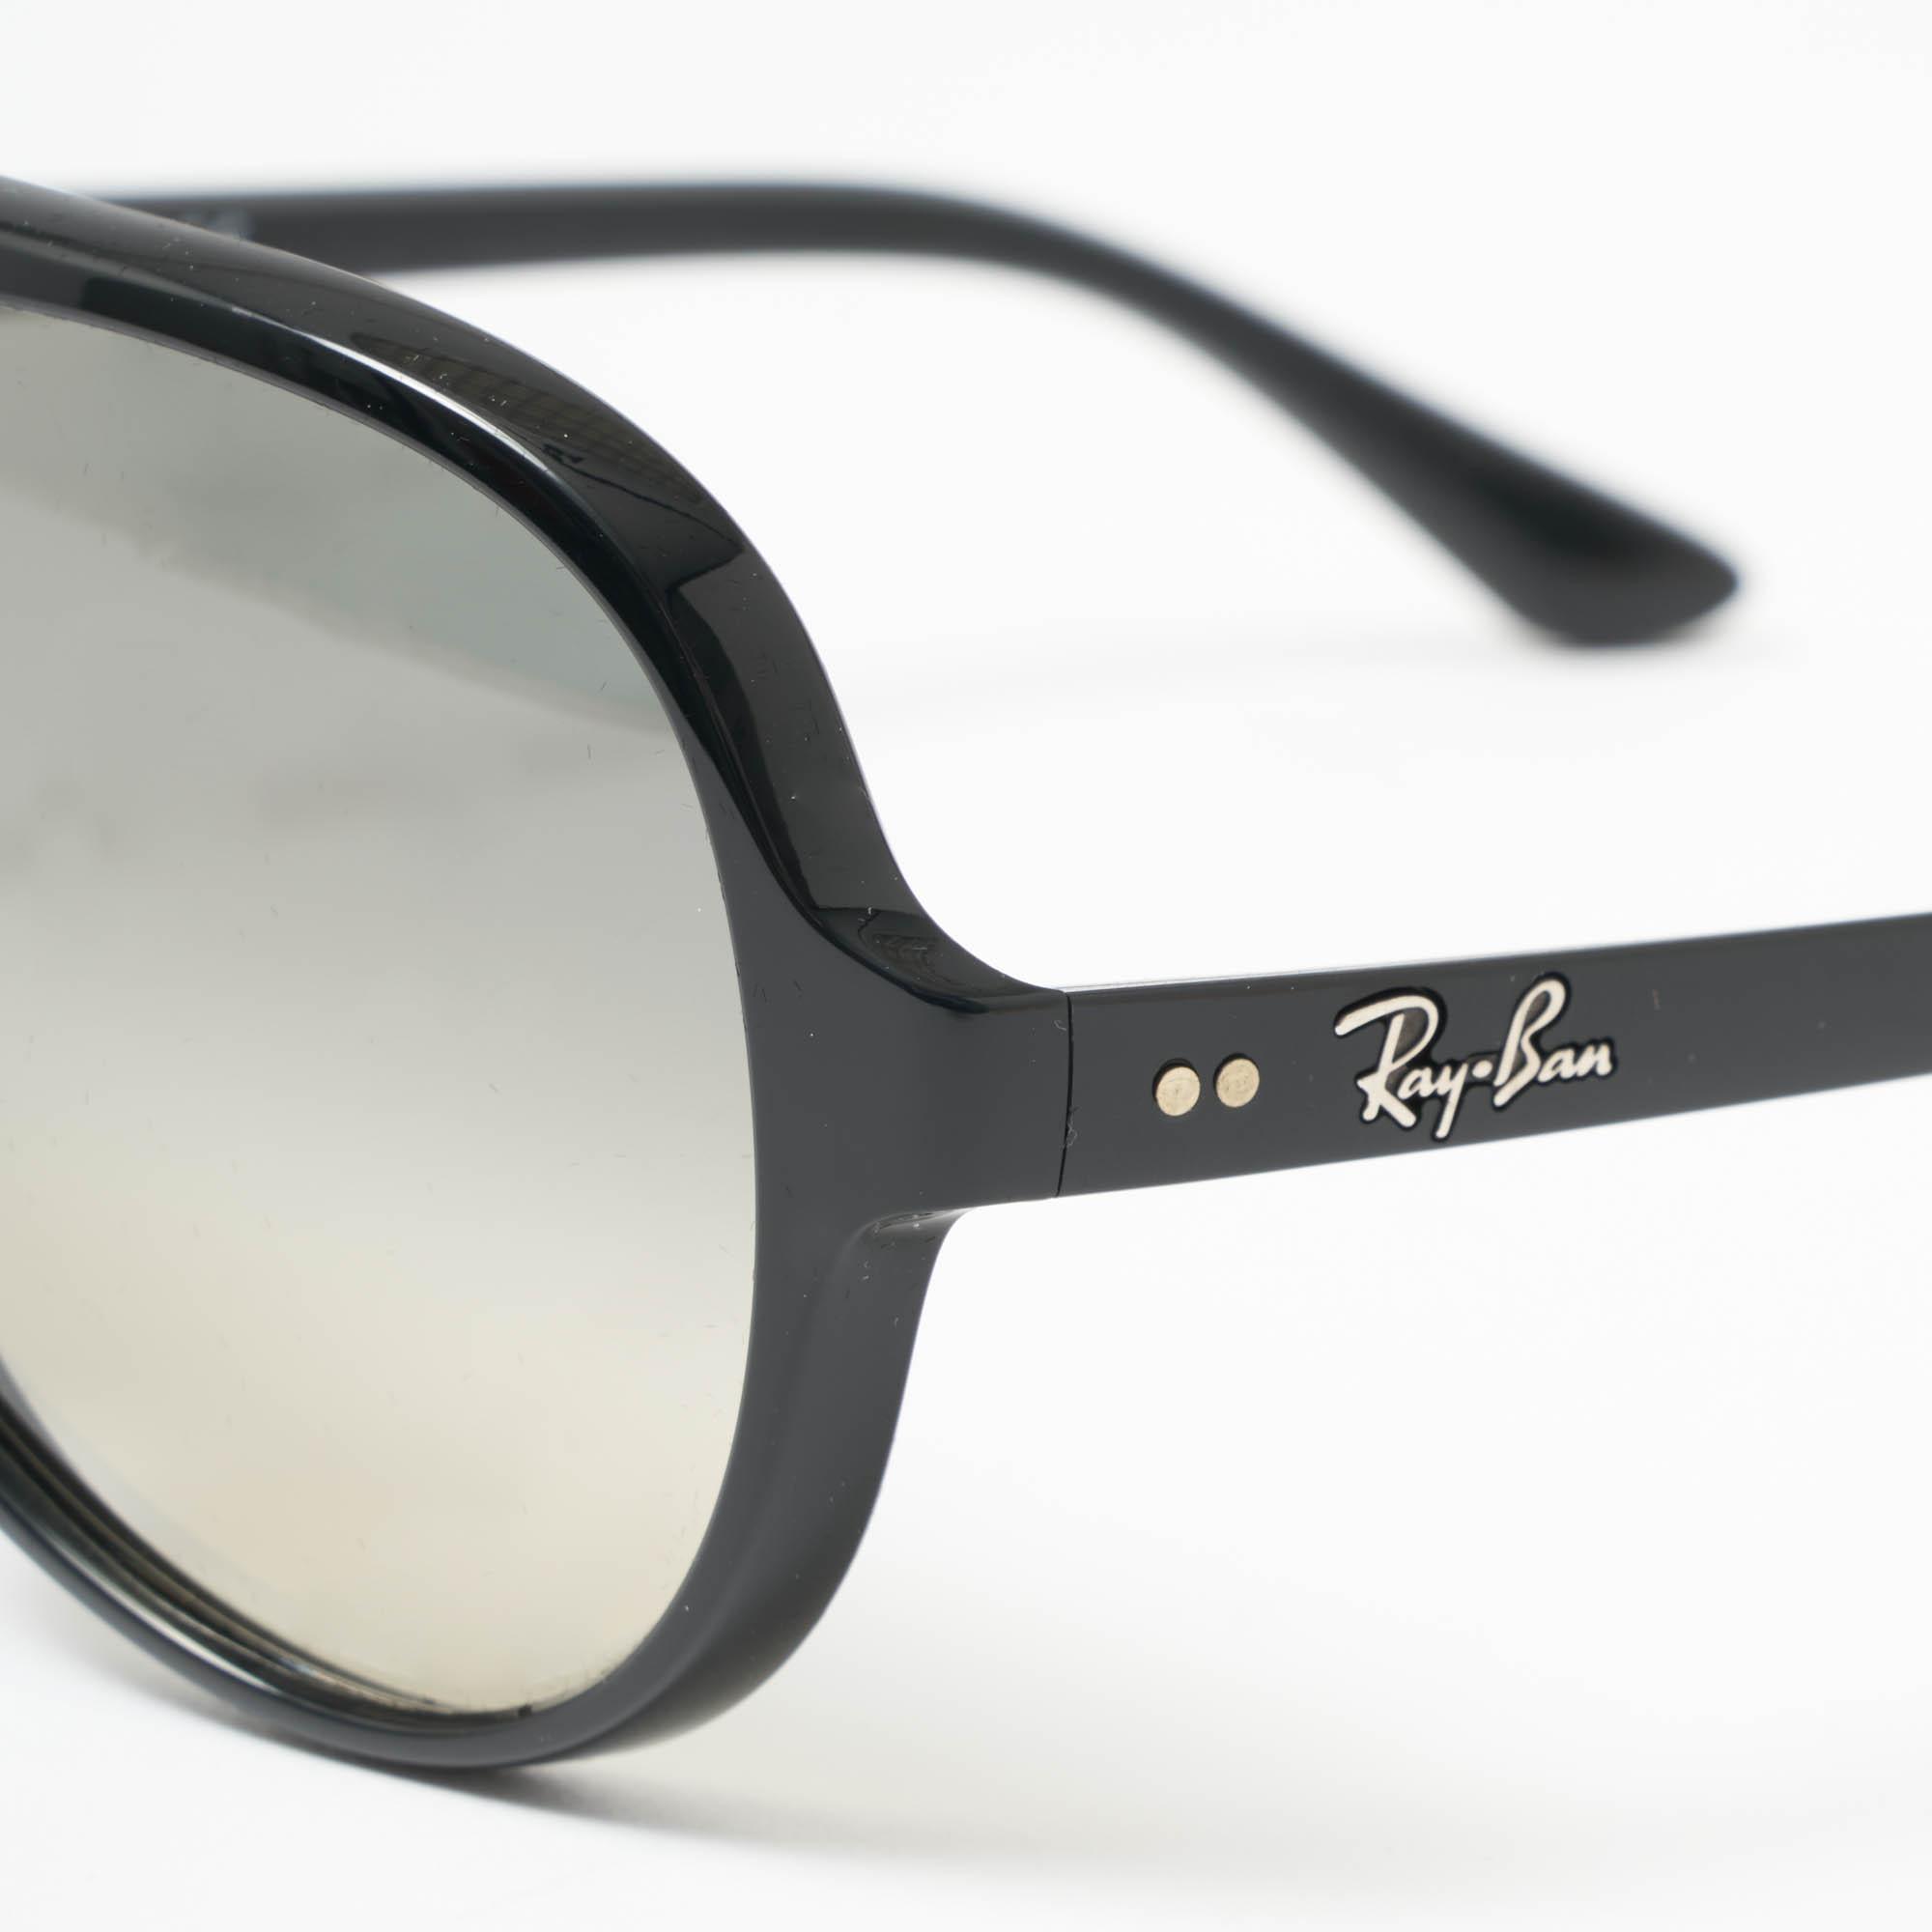 3e68274f8de Ray-Ban - Gray Cats 5000 Classic Sunglasses - Light Grey Gradient Lenses  for Men. View fullscreen